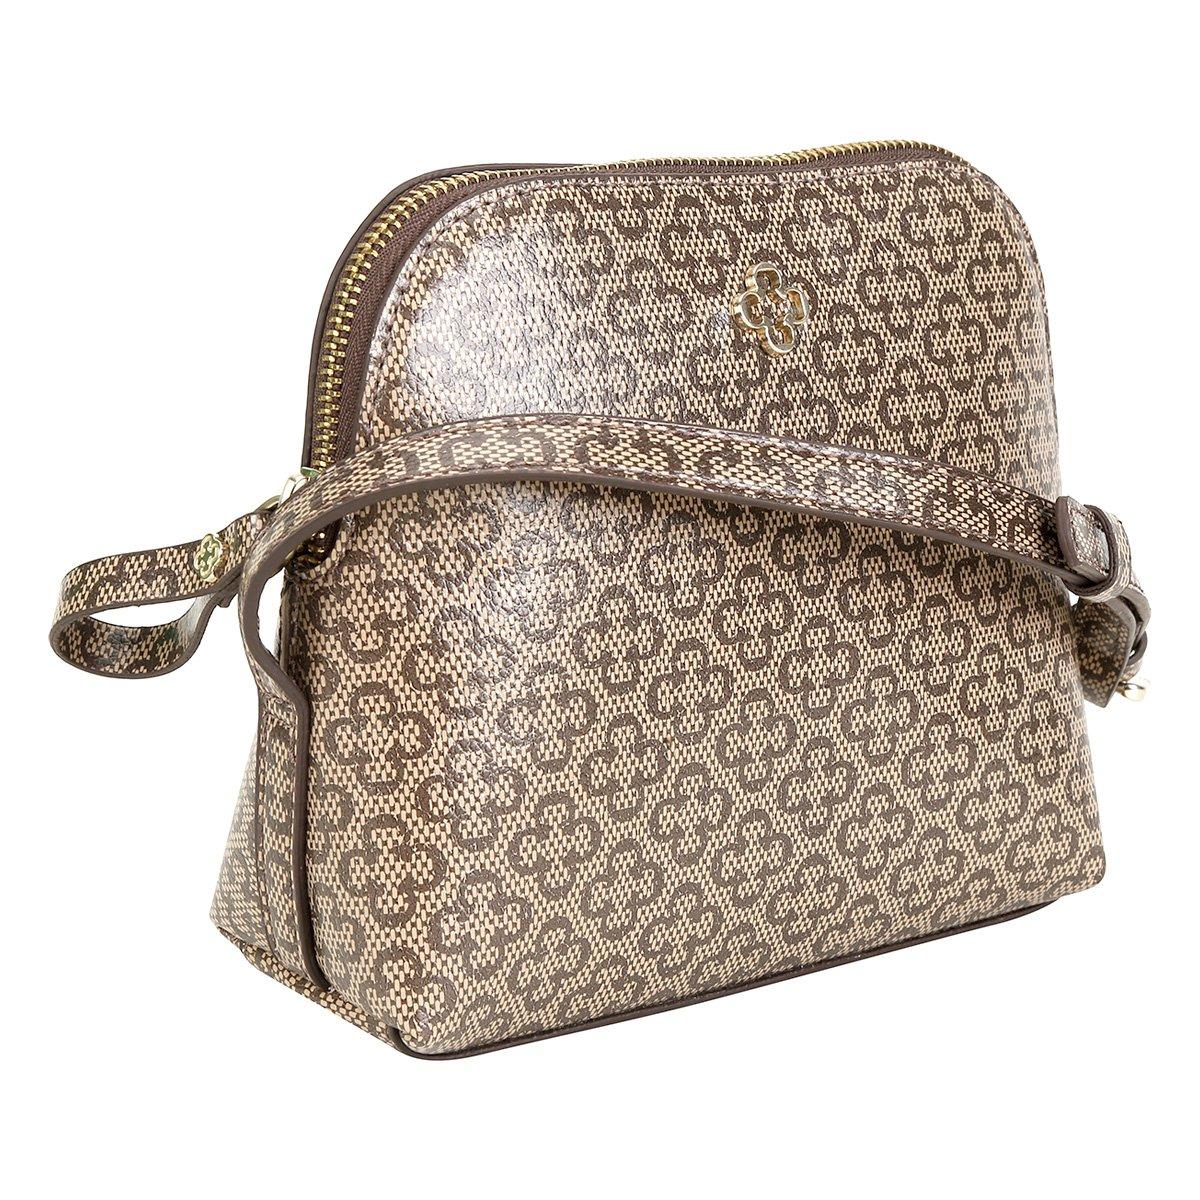 7f99390a1 Bolsa Capodarte Mini Bag Monograma Soft Feminina - Compre Agora ...